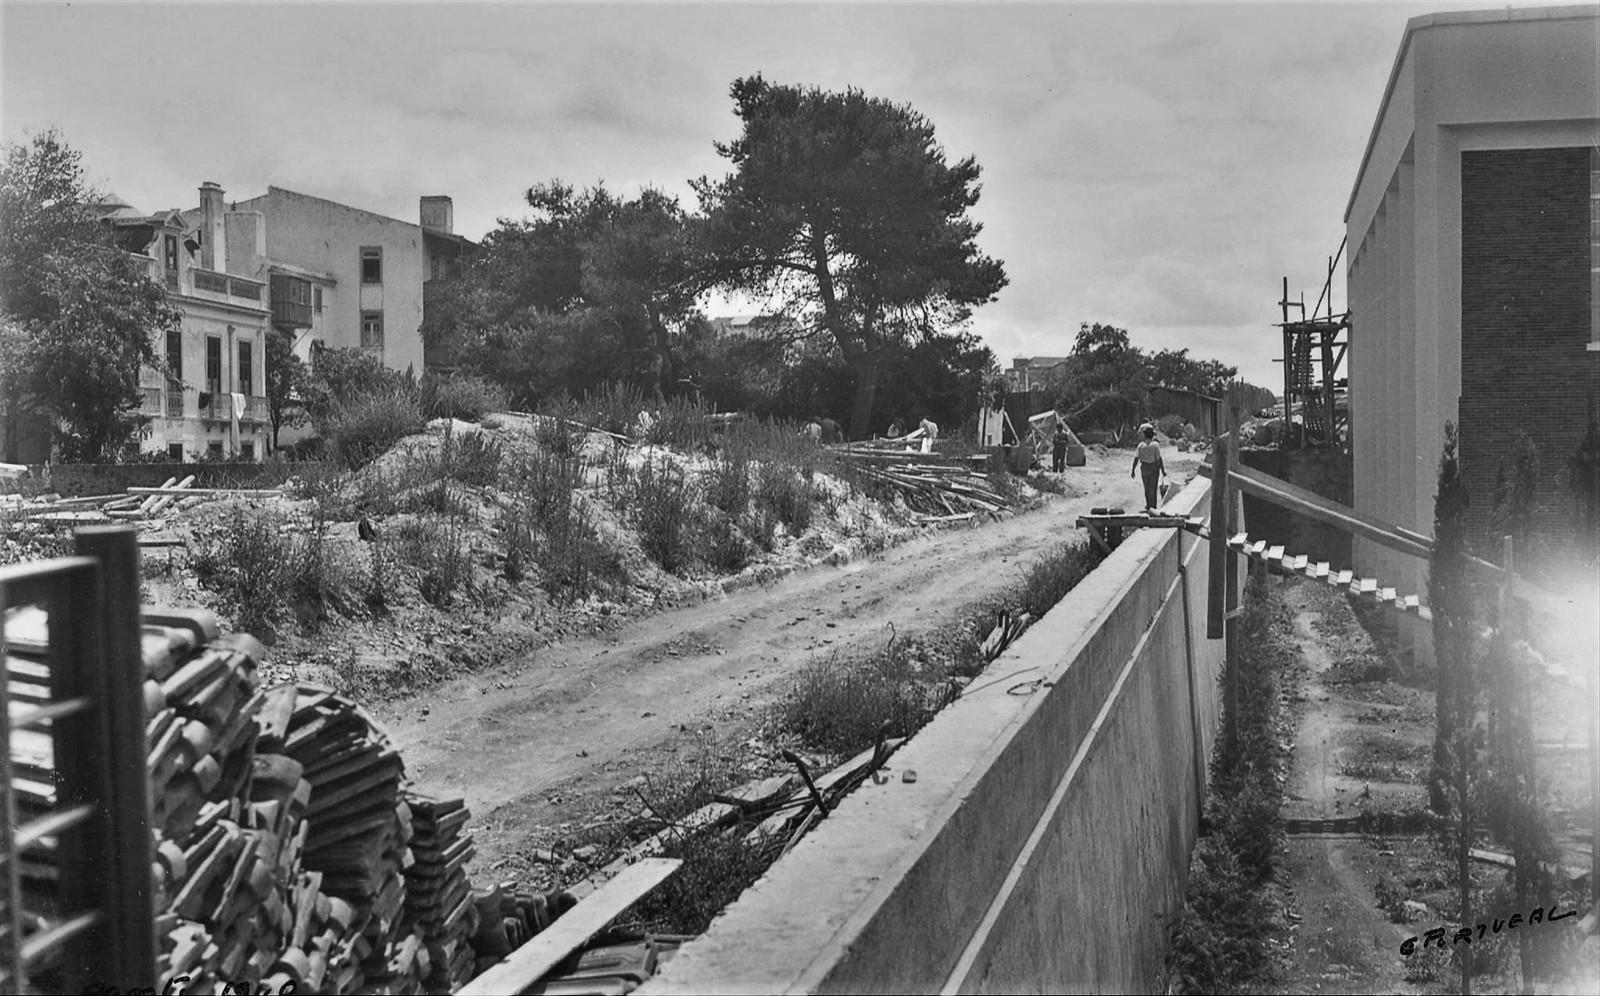 Casa da Moeda e R. de D.ª Filipa de Vilhena em construção, Arco do Cego (E. Portugal, 1940)